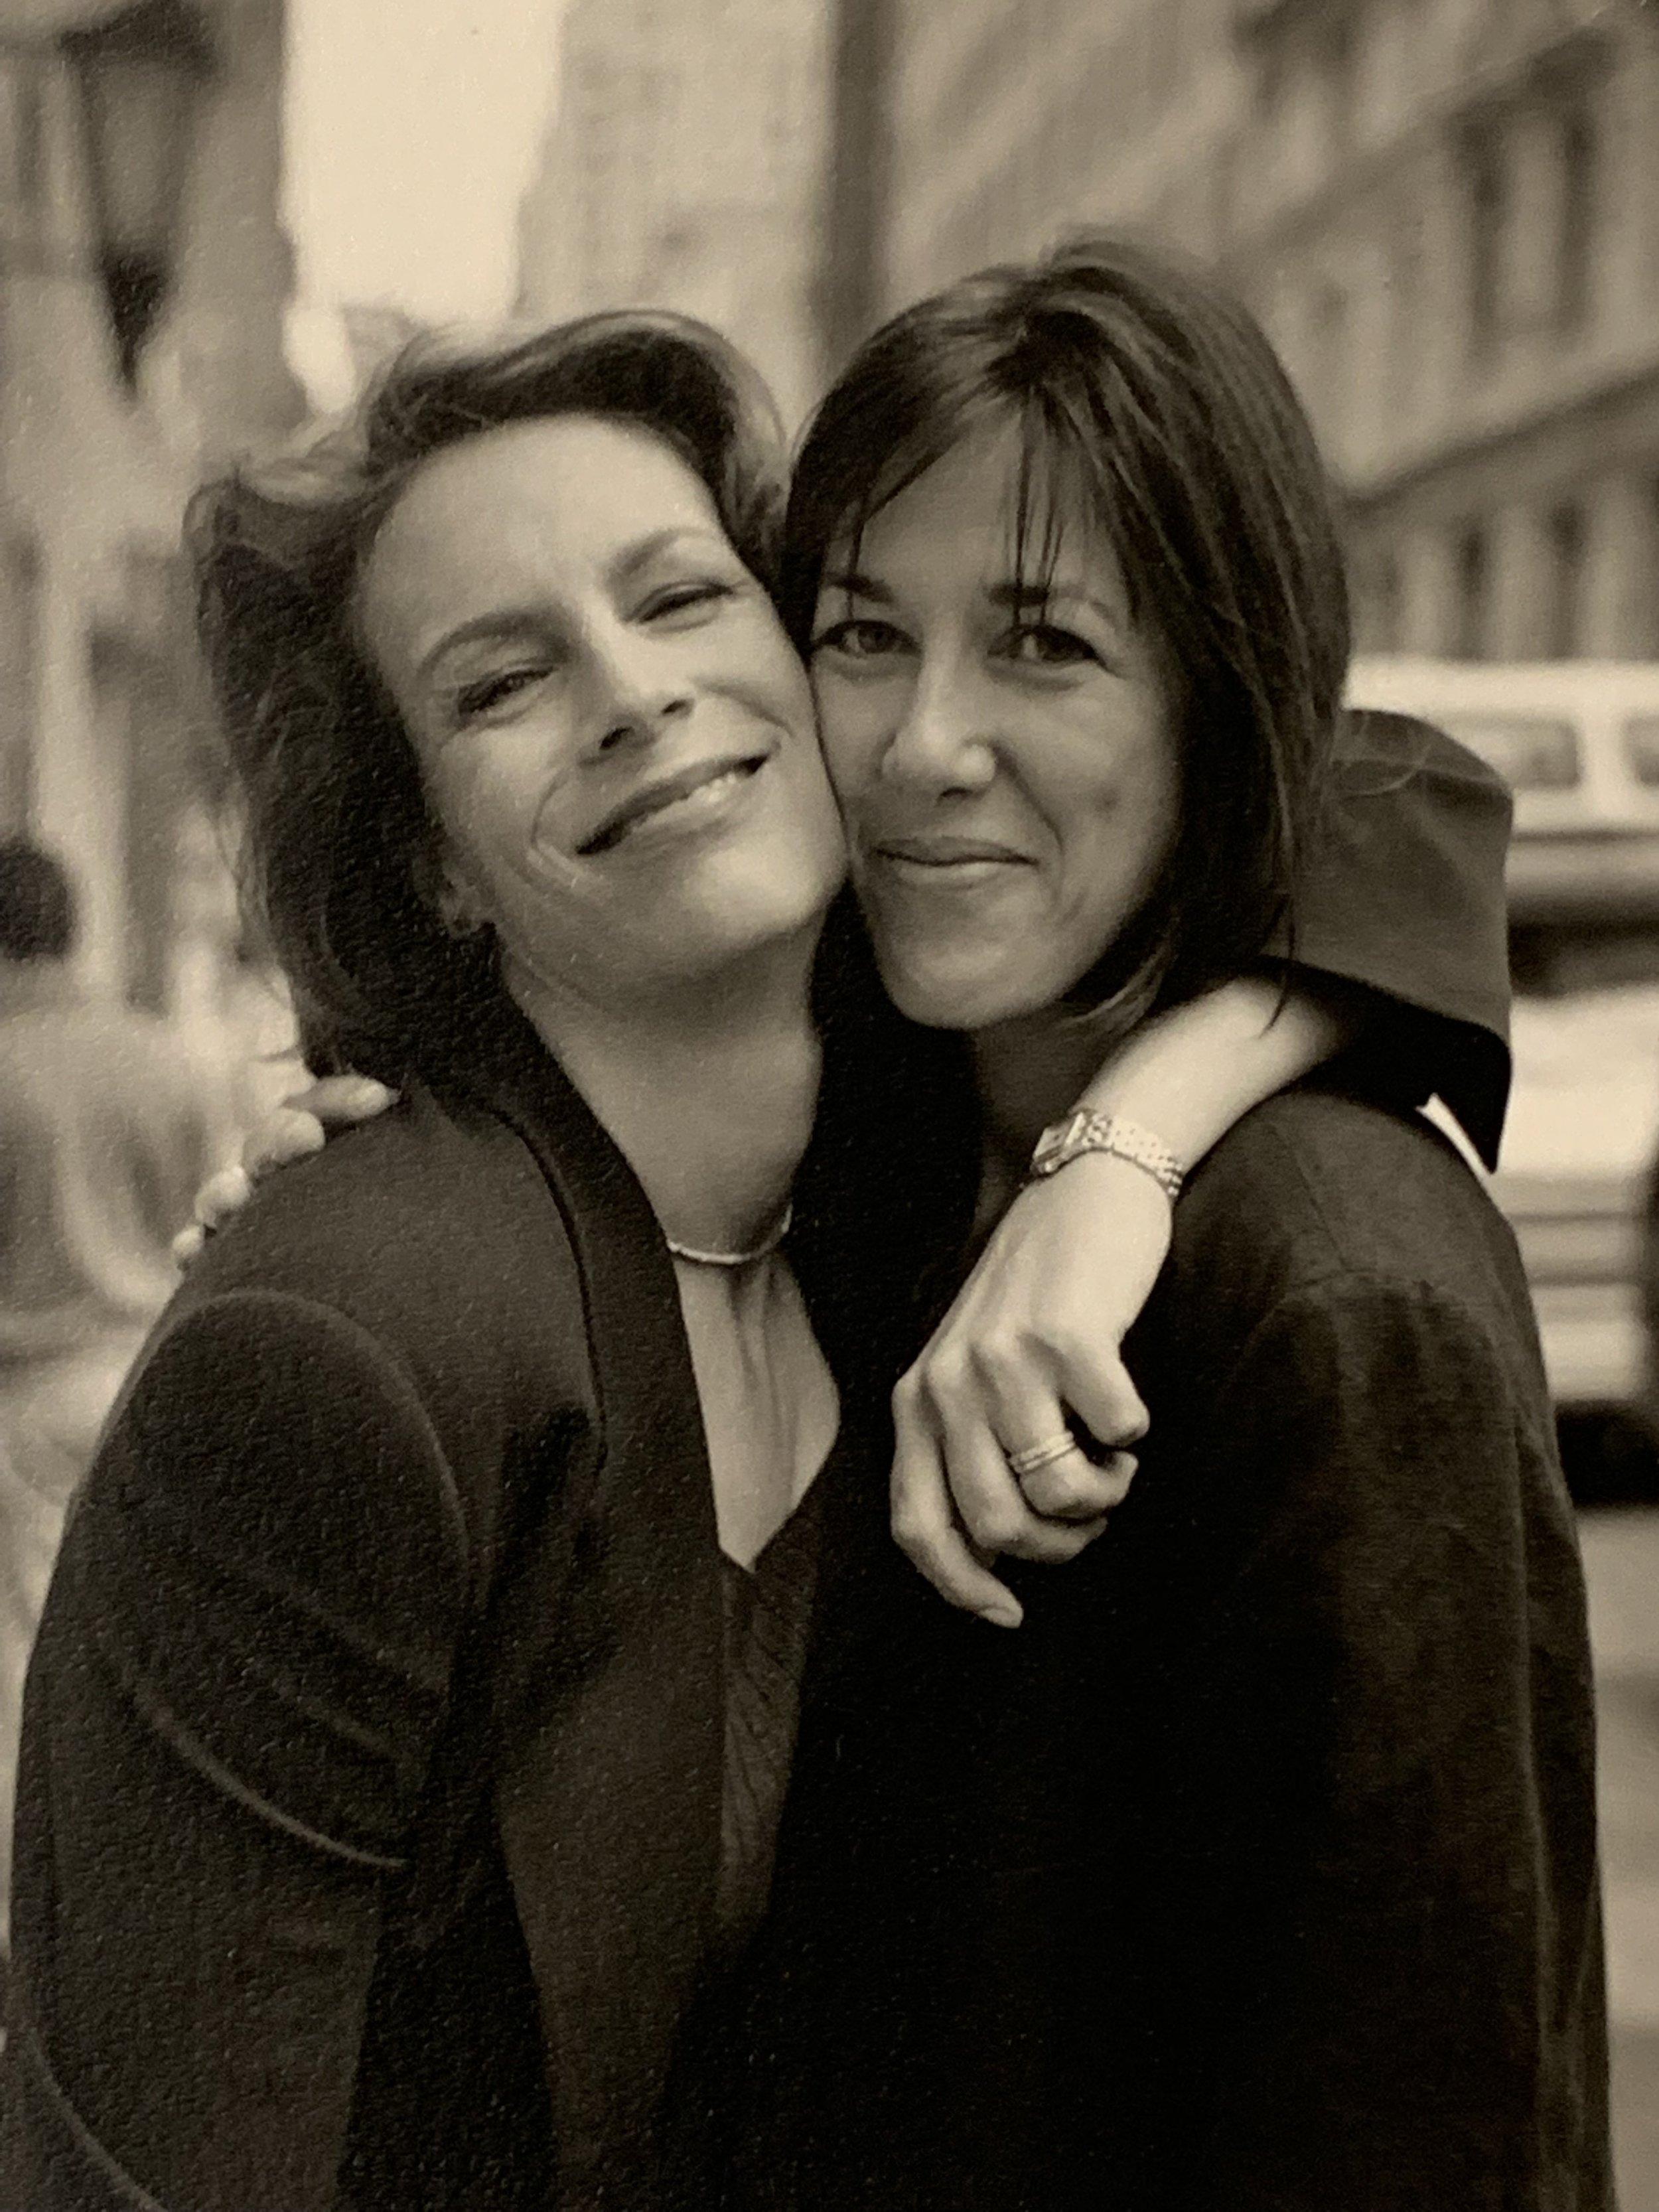 Lisa and Jamie circa 1989